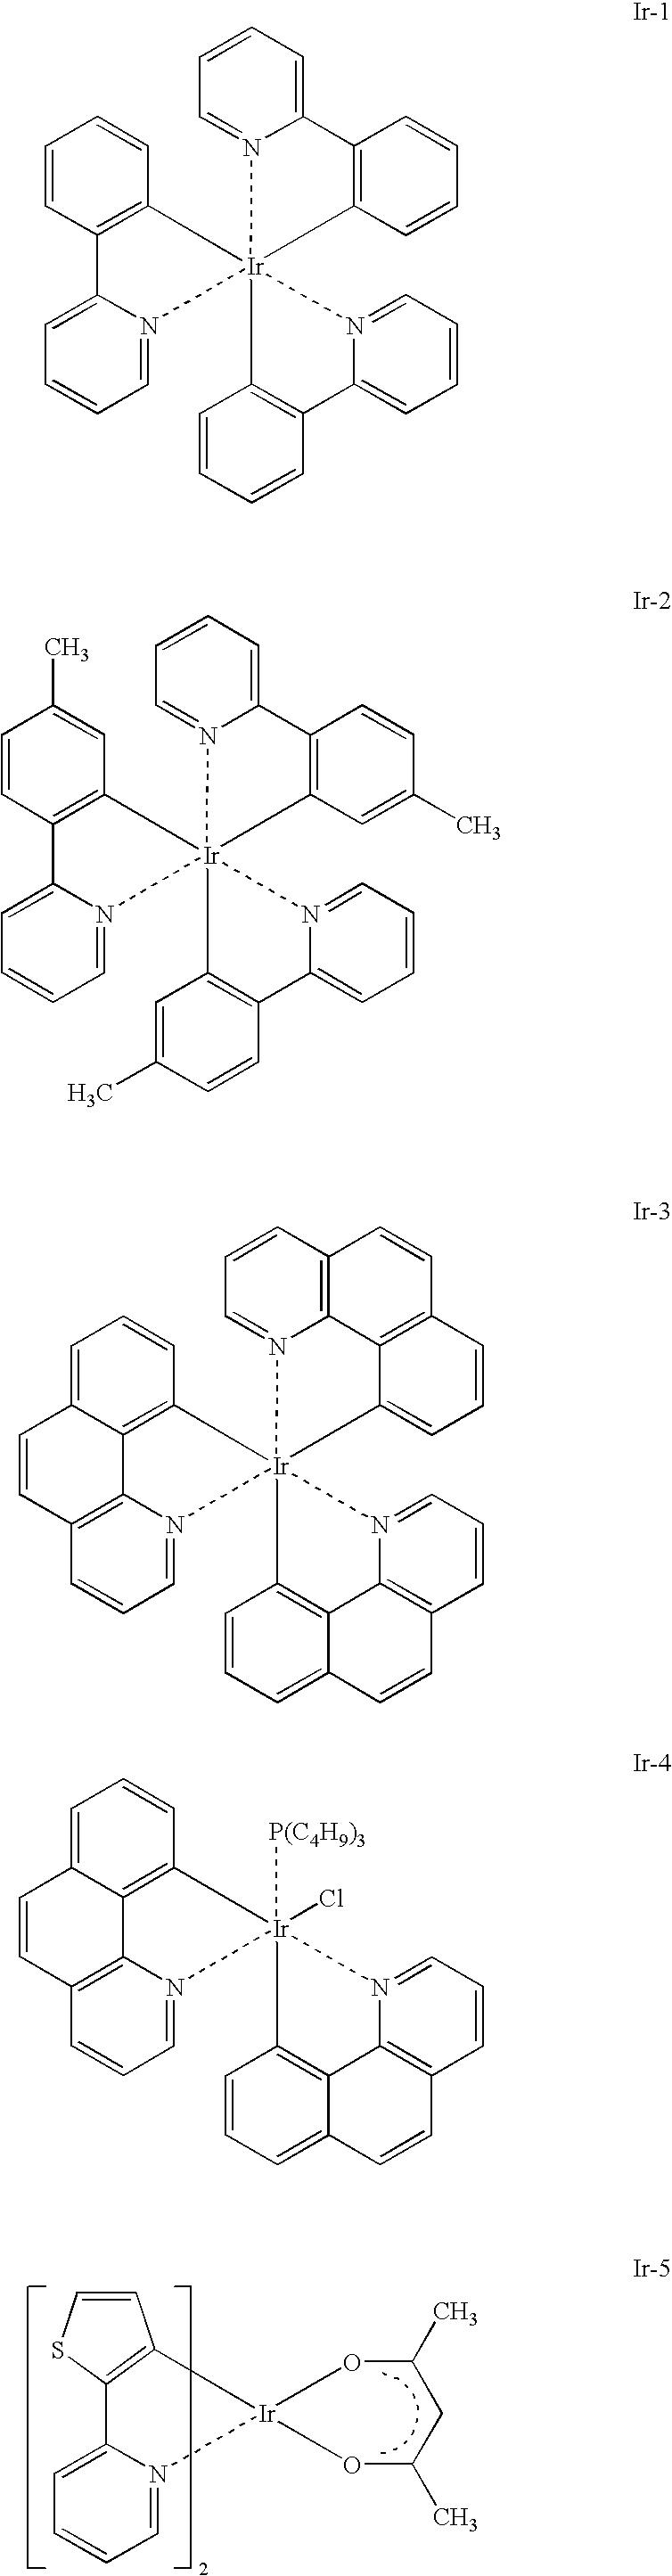 Figure US07504657-20090317-C00004